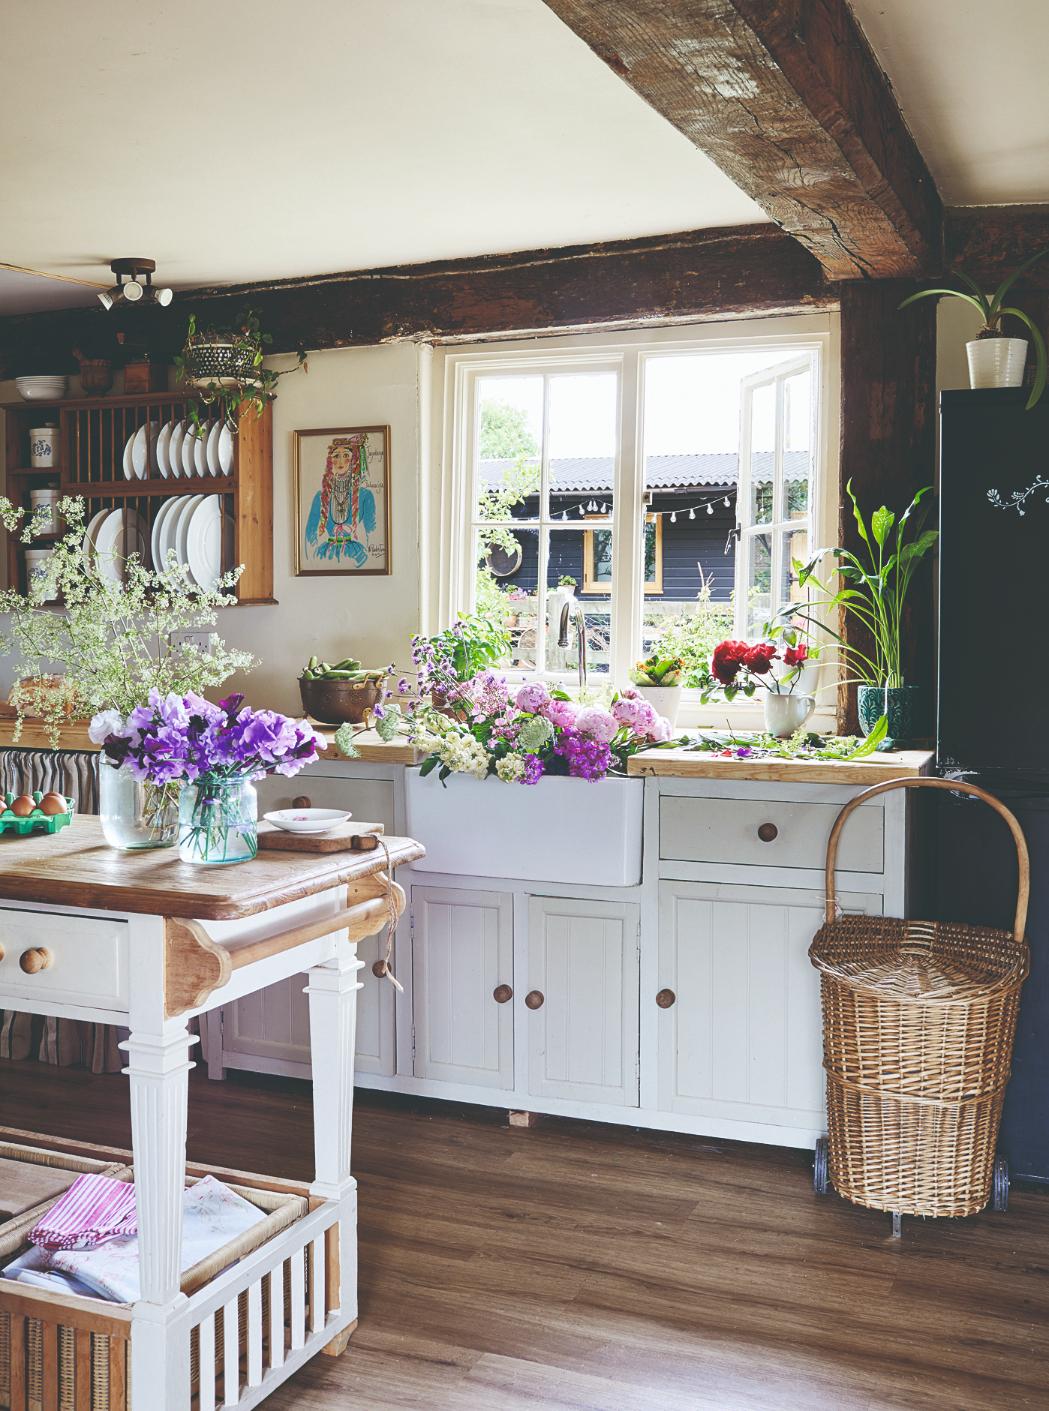 Venkovní kuchyň starožitný nábytek